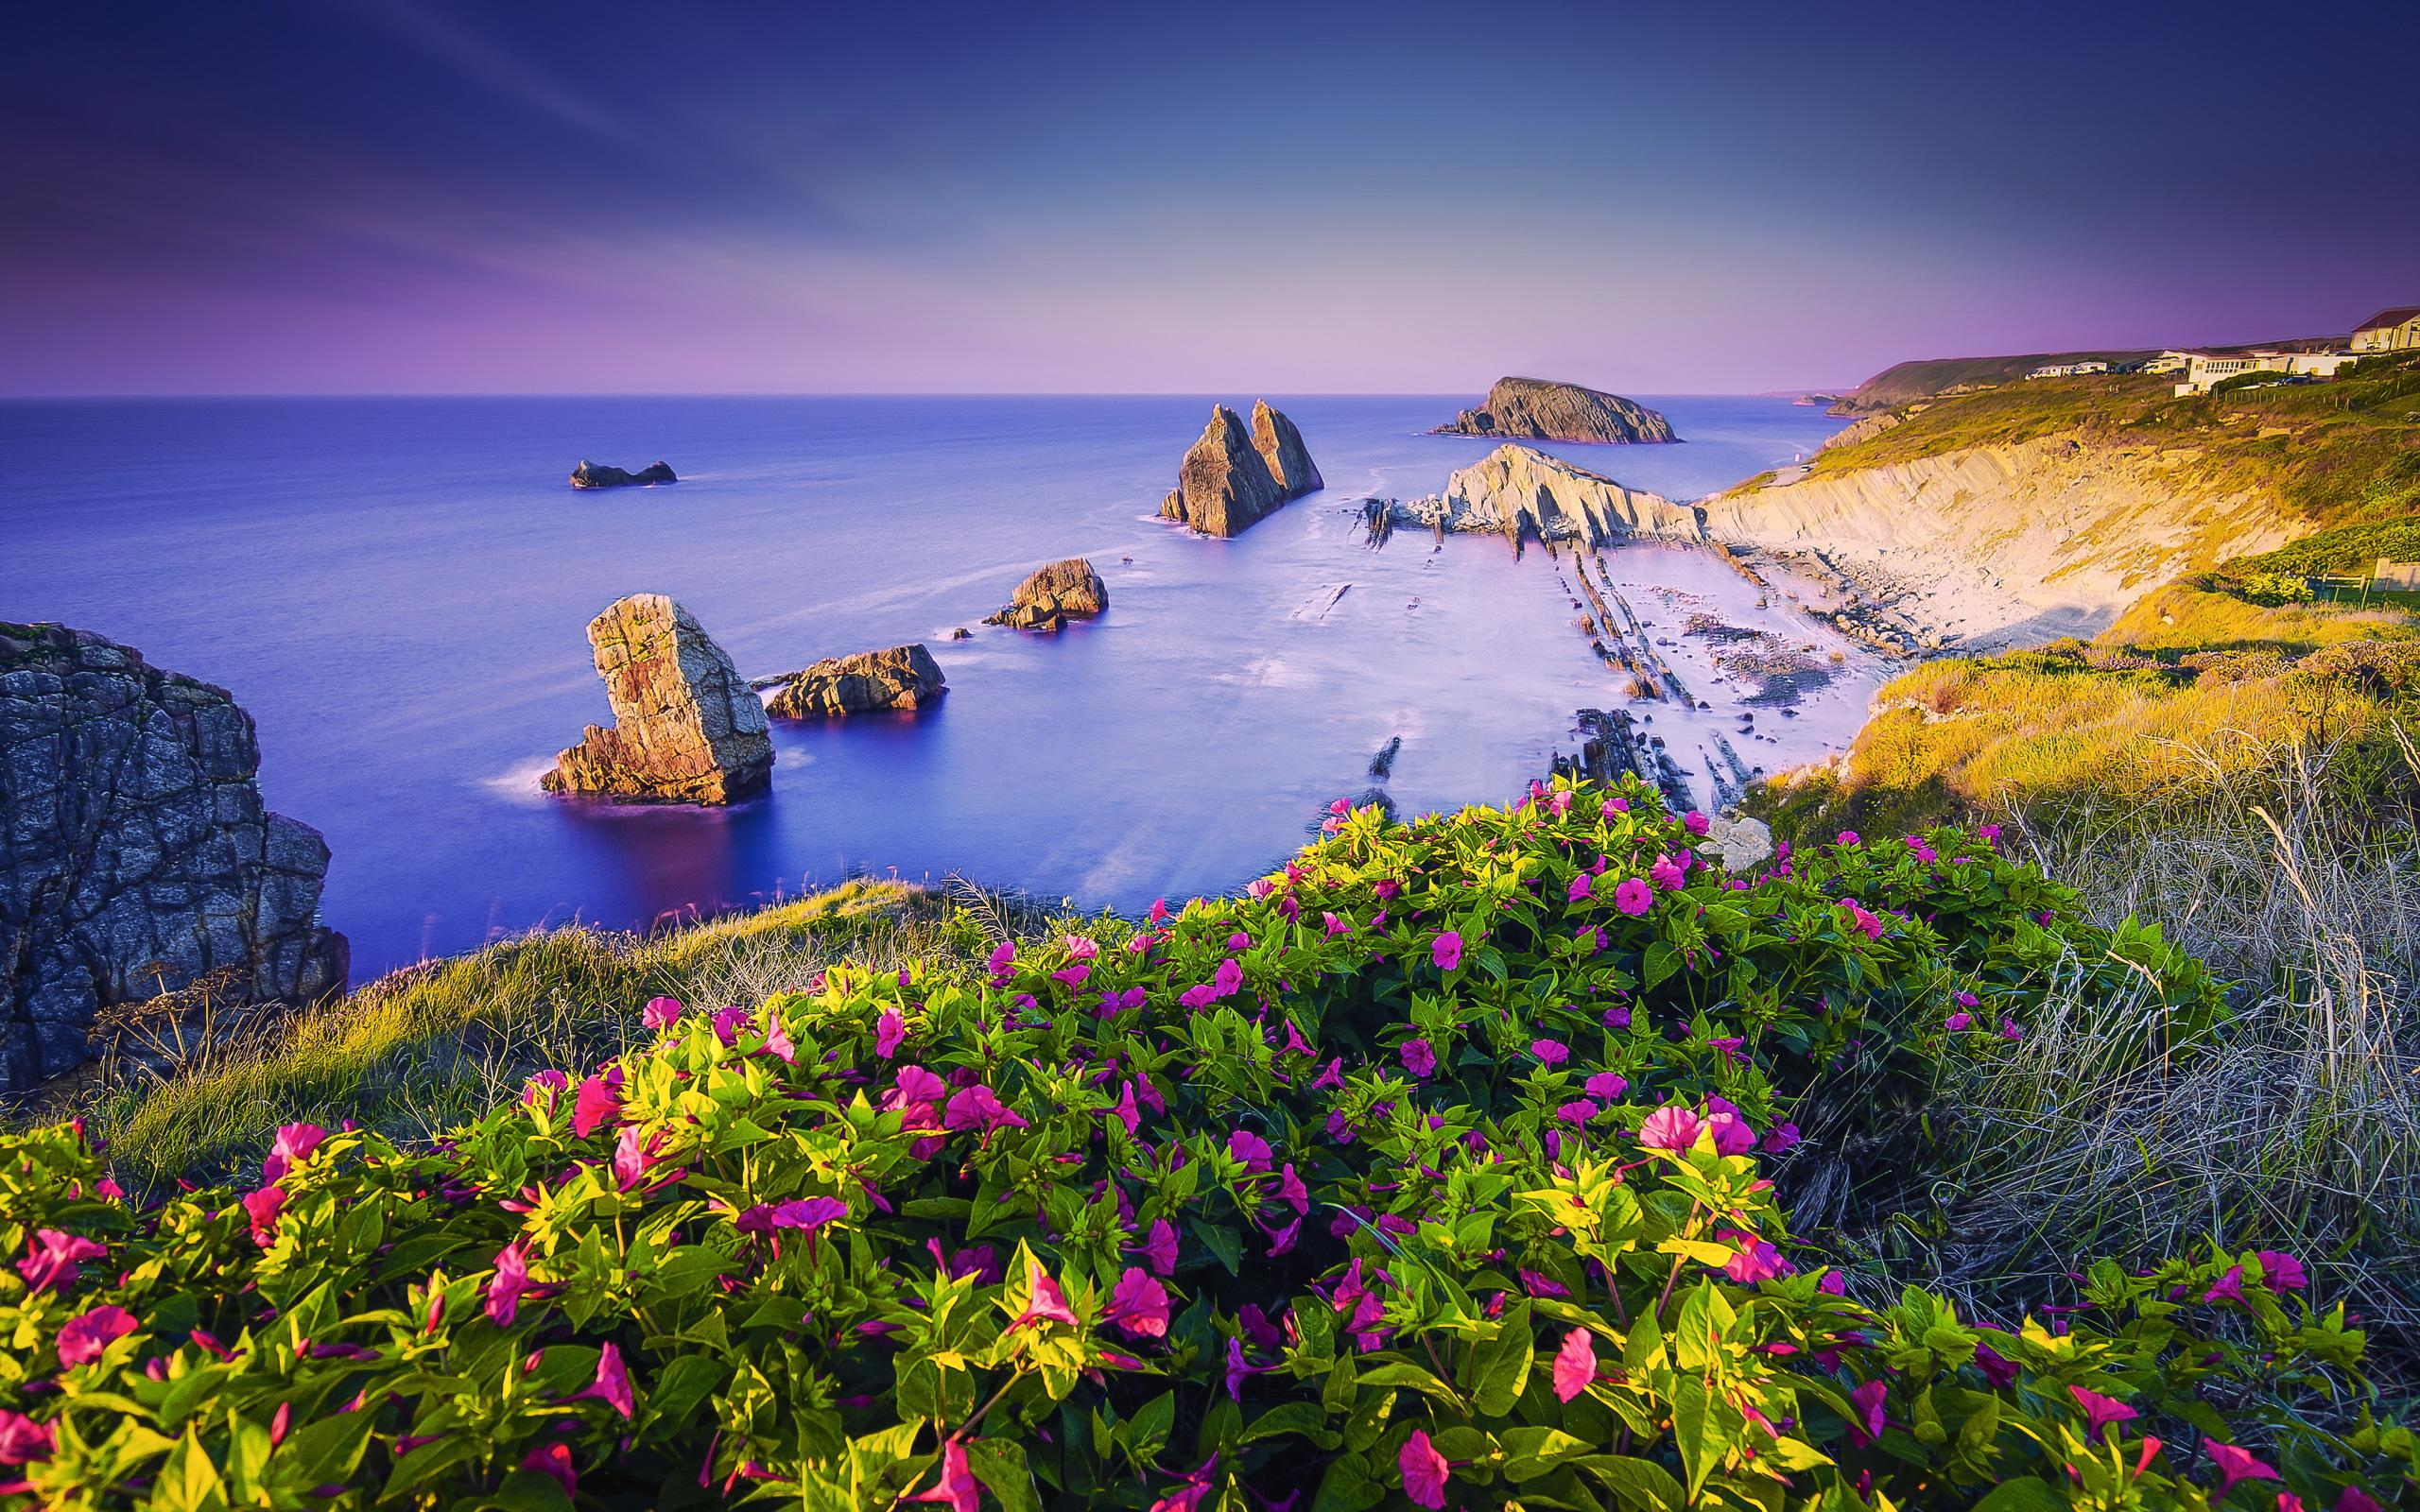 Beaches & Islands HD Wallpapers | Beach Desktop Backgrounds,Stock